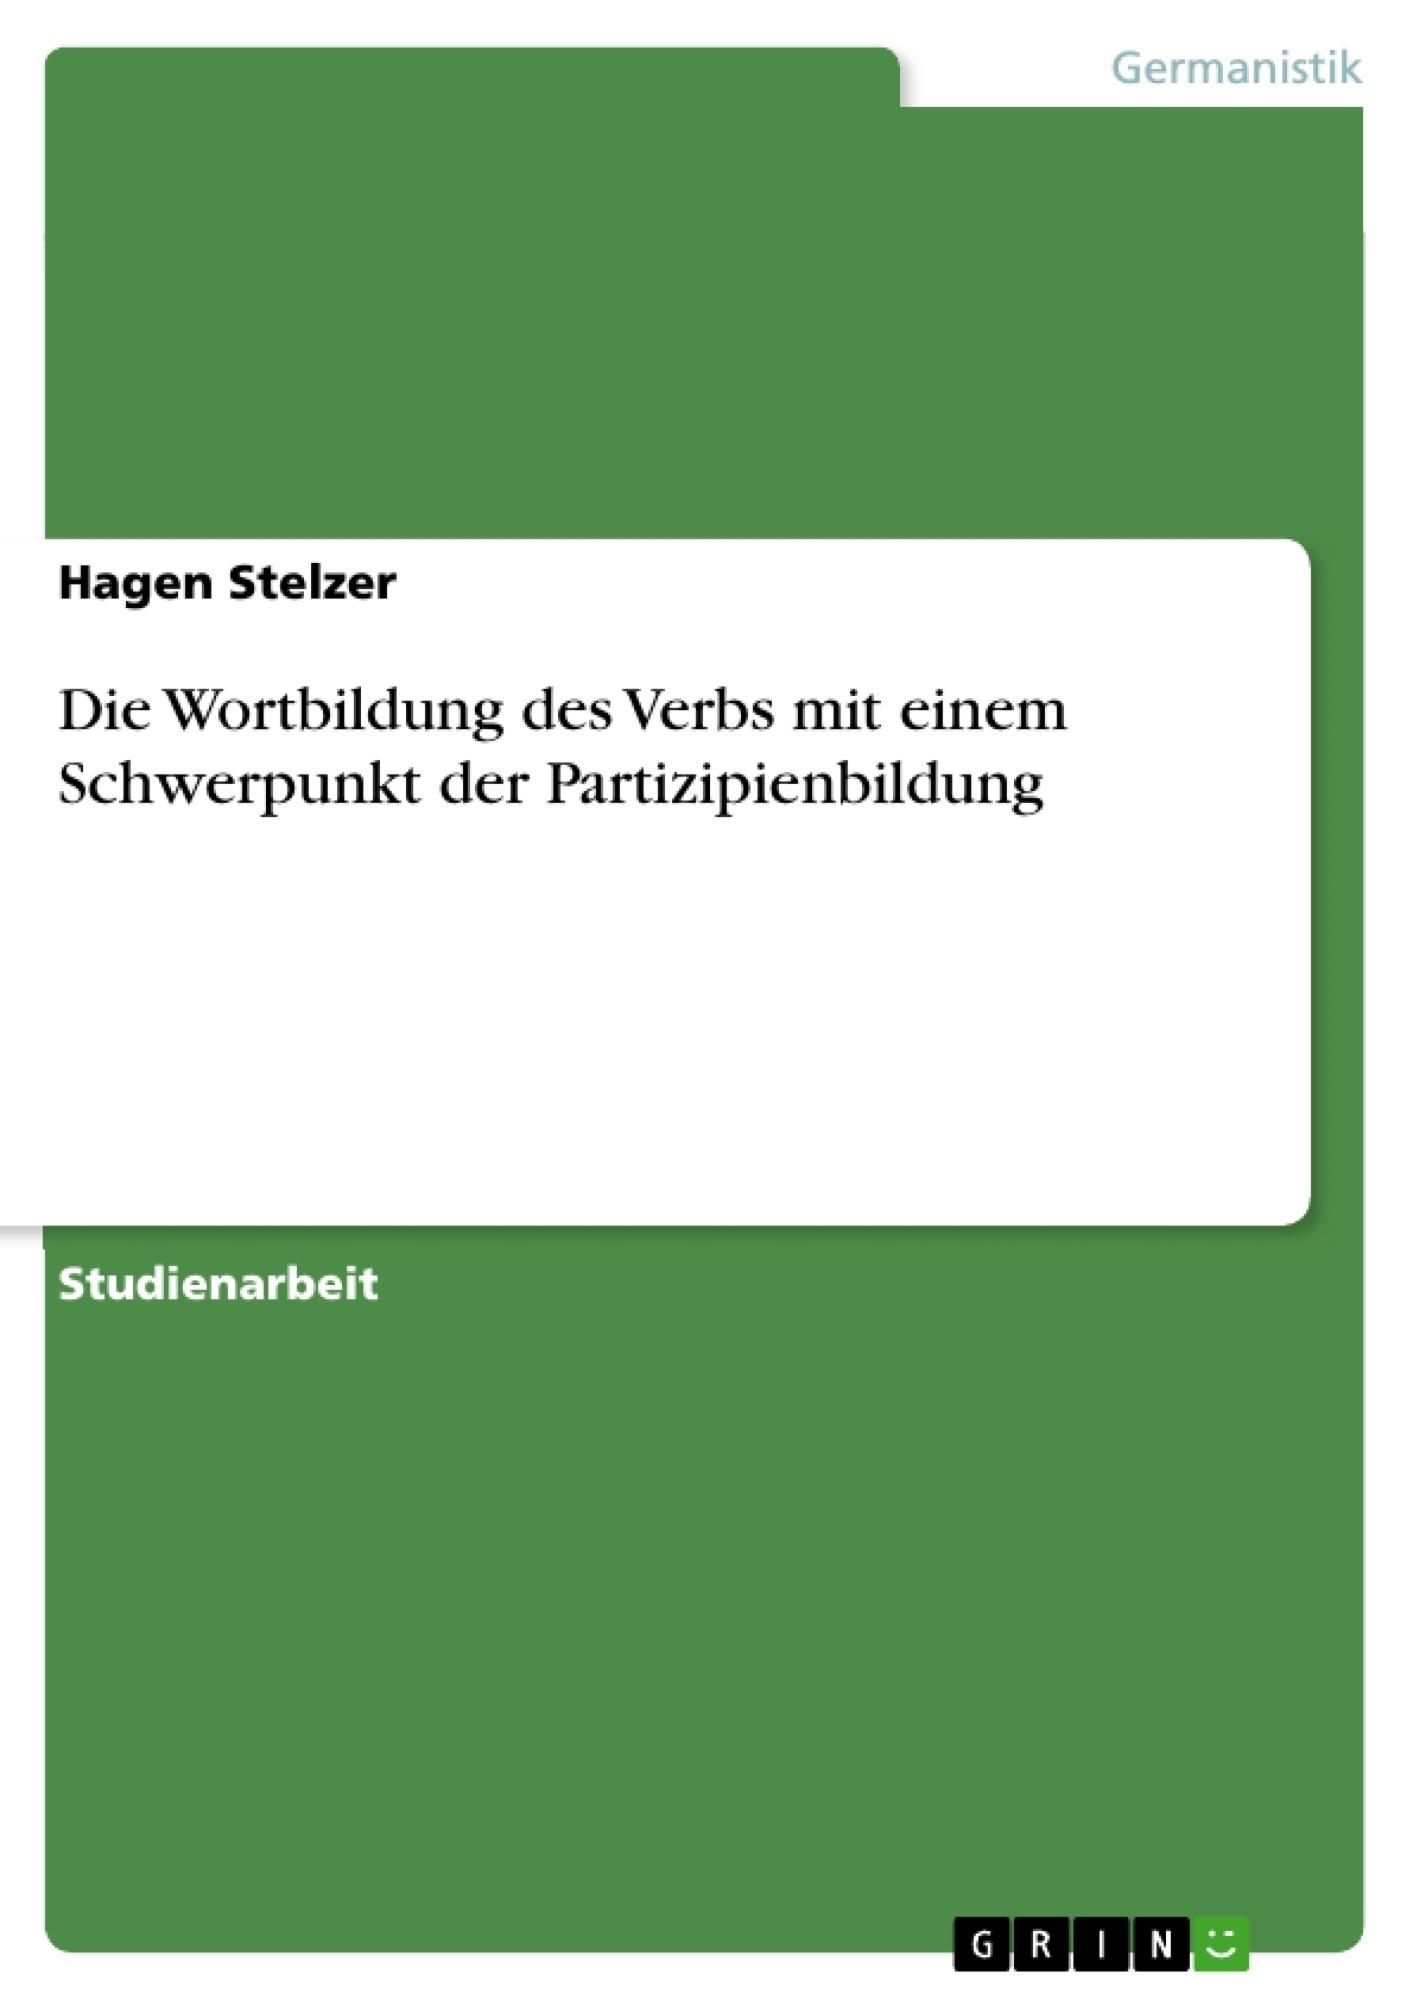 Titel: Die Wortbildung des Verbs mit einem Schwerpunkt der Partizipienbildung